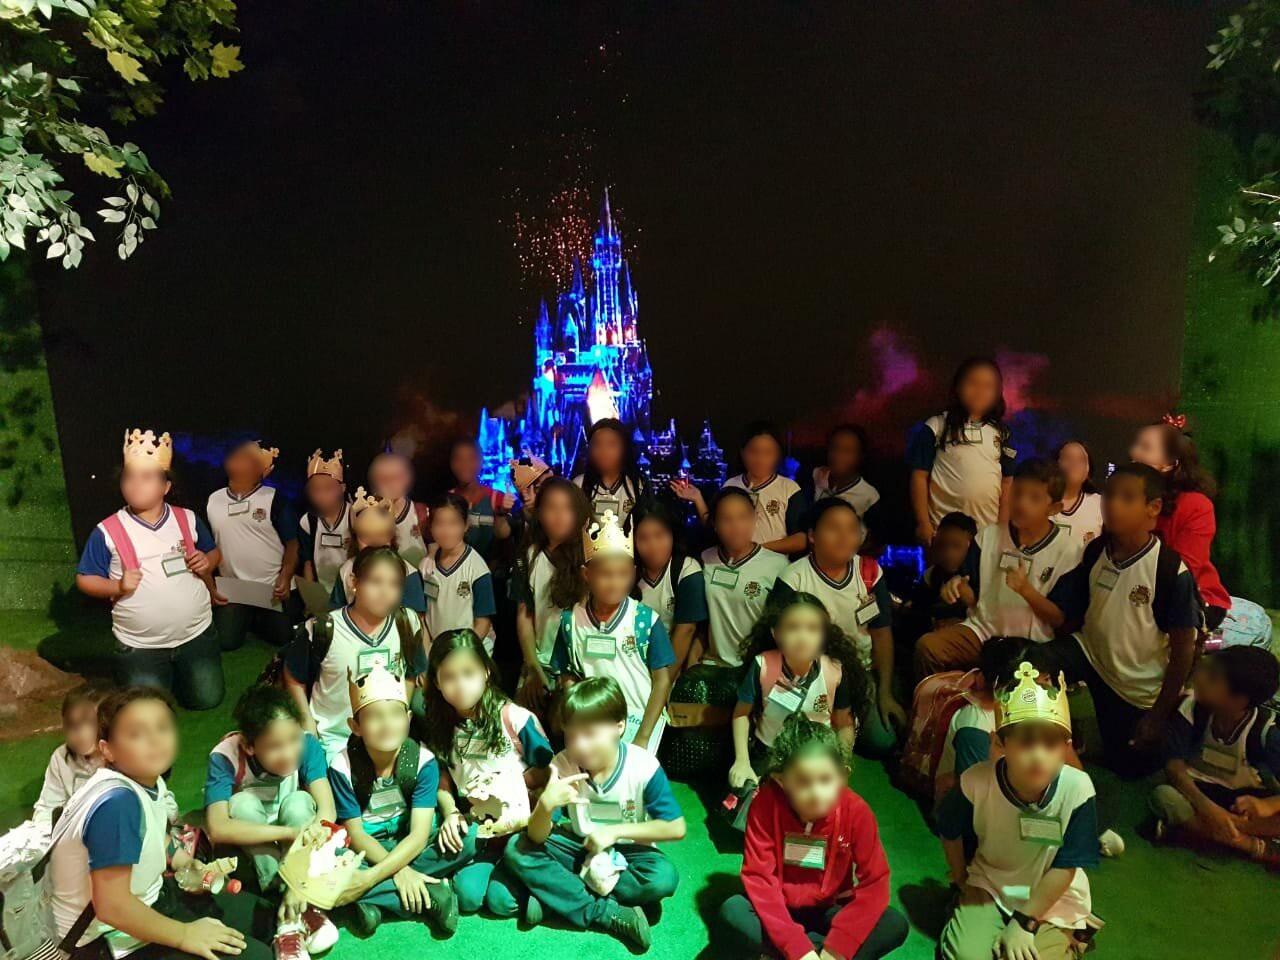 Publicitários fazem ação para levar crianças para a Disney após polêmica